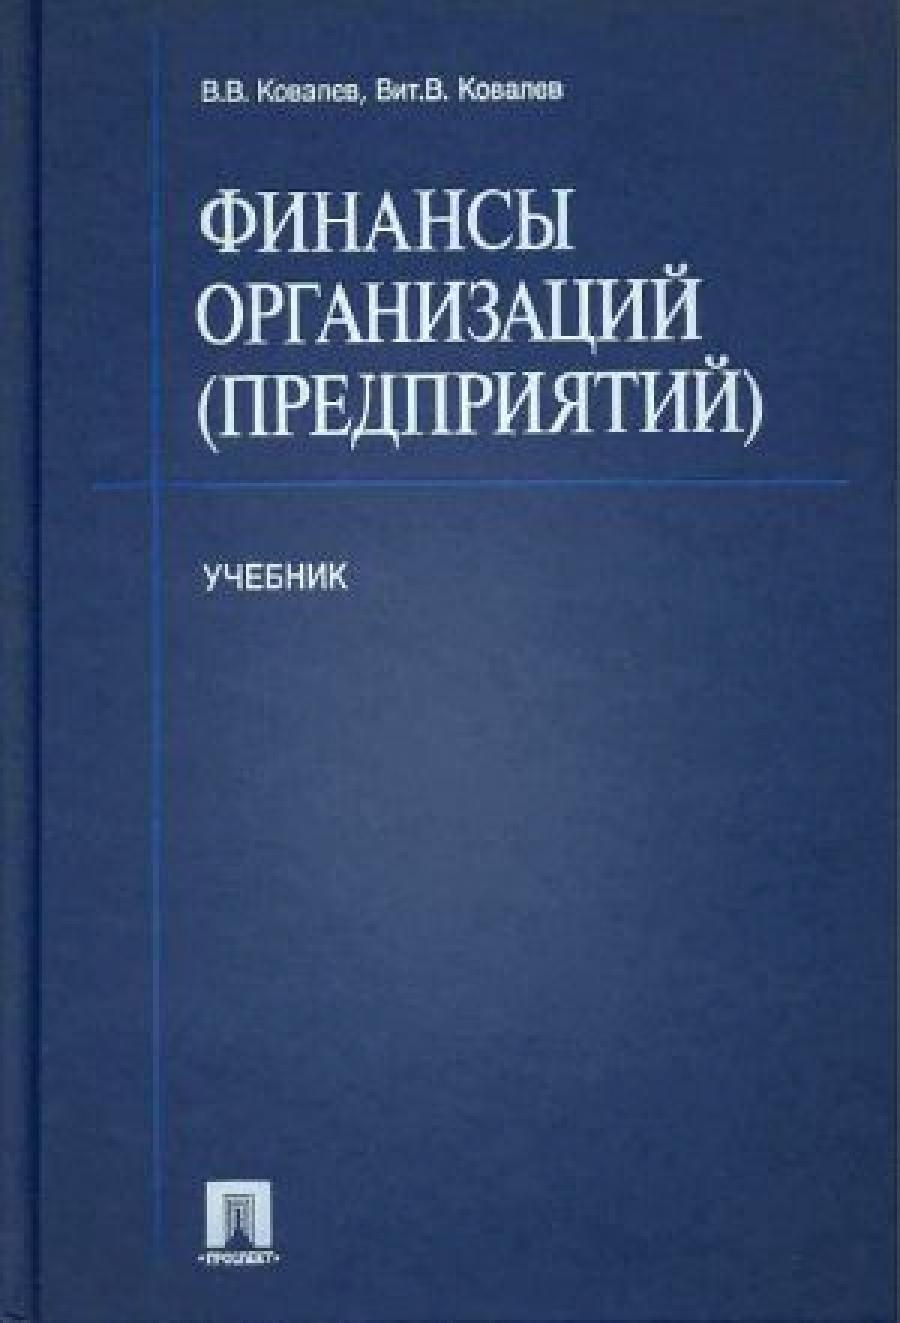 Обложка книги:  ковалев в.в., ковалев в.в. - финансы организаций (предприятий)